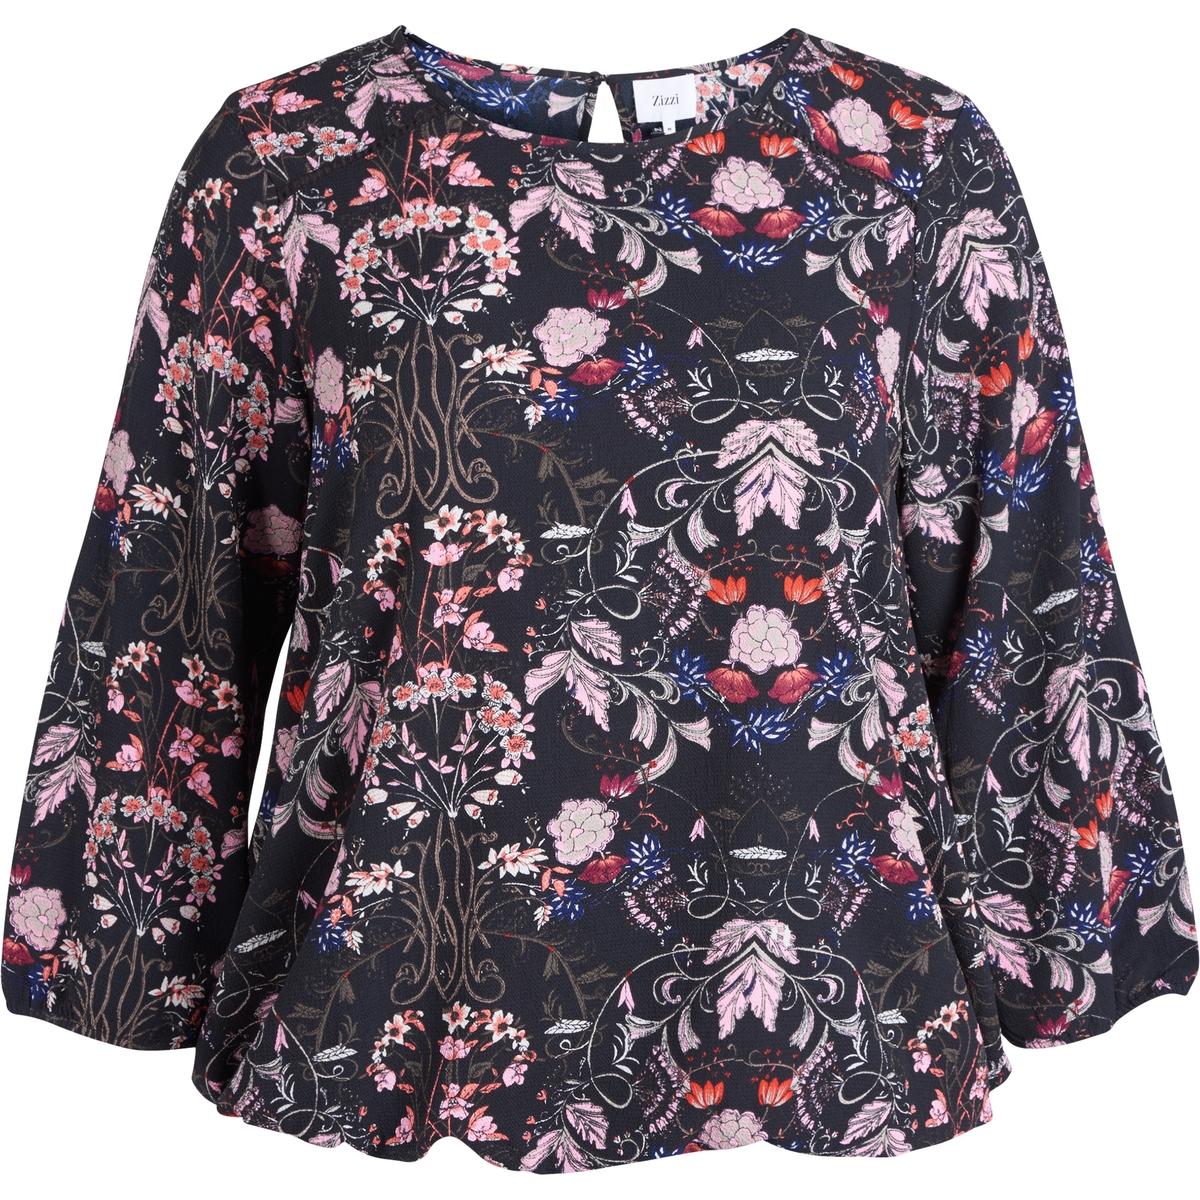 Блузка ZIZZIБлузка ZIZZI. Блузка с рисунком. Рукава 3/4. 98% полиэстера, 2% эластана.<br><br>Цвет: набивной рисунок,рисунок/белый